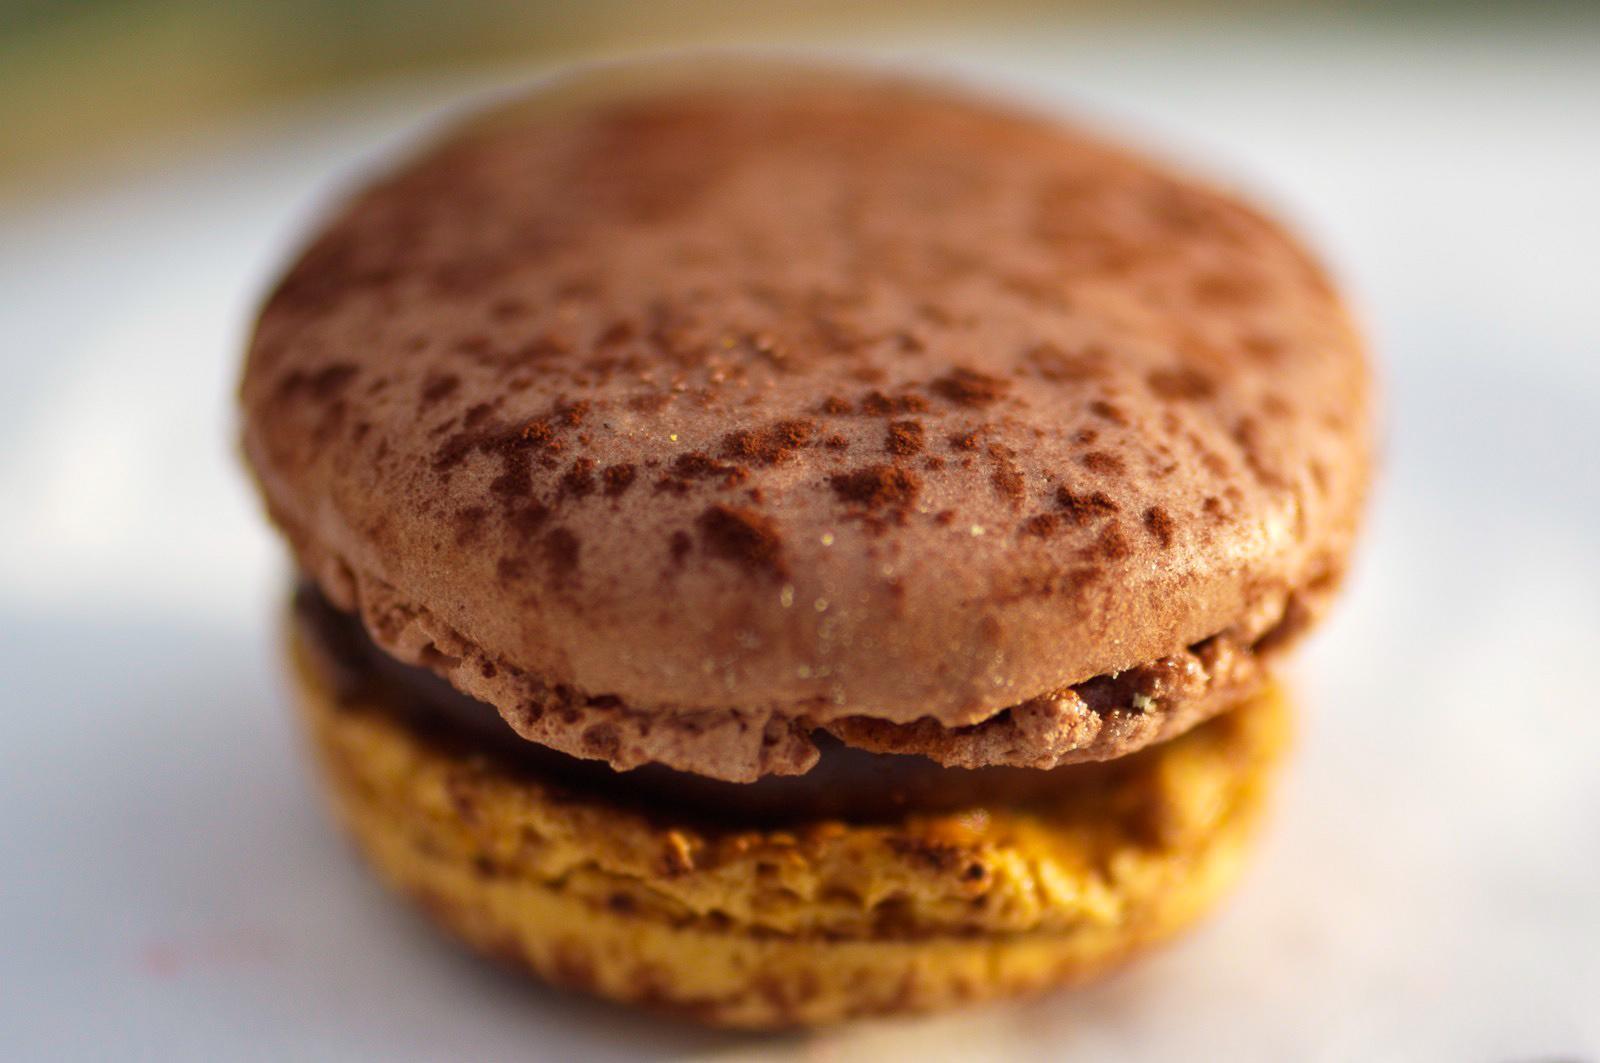 Pléntitude Chocolat & Caramel - biscuit macaron chocolat, ganache au chocolat-caramel et éclats de chocolat à la fleur de sel